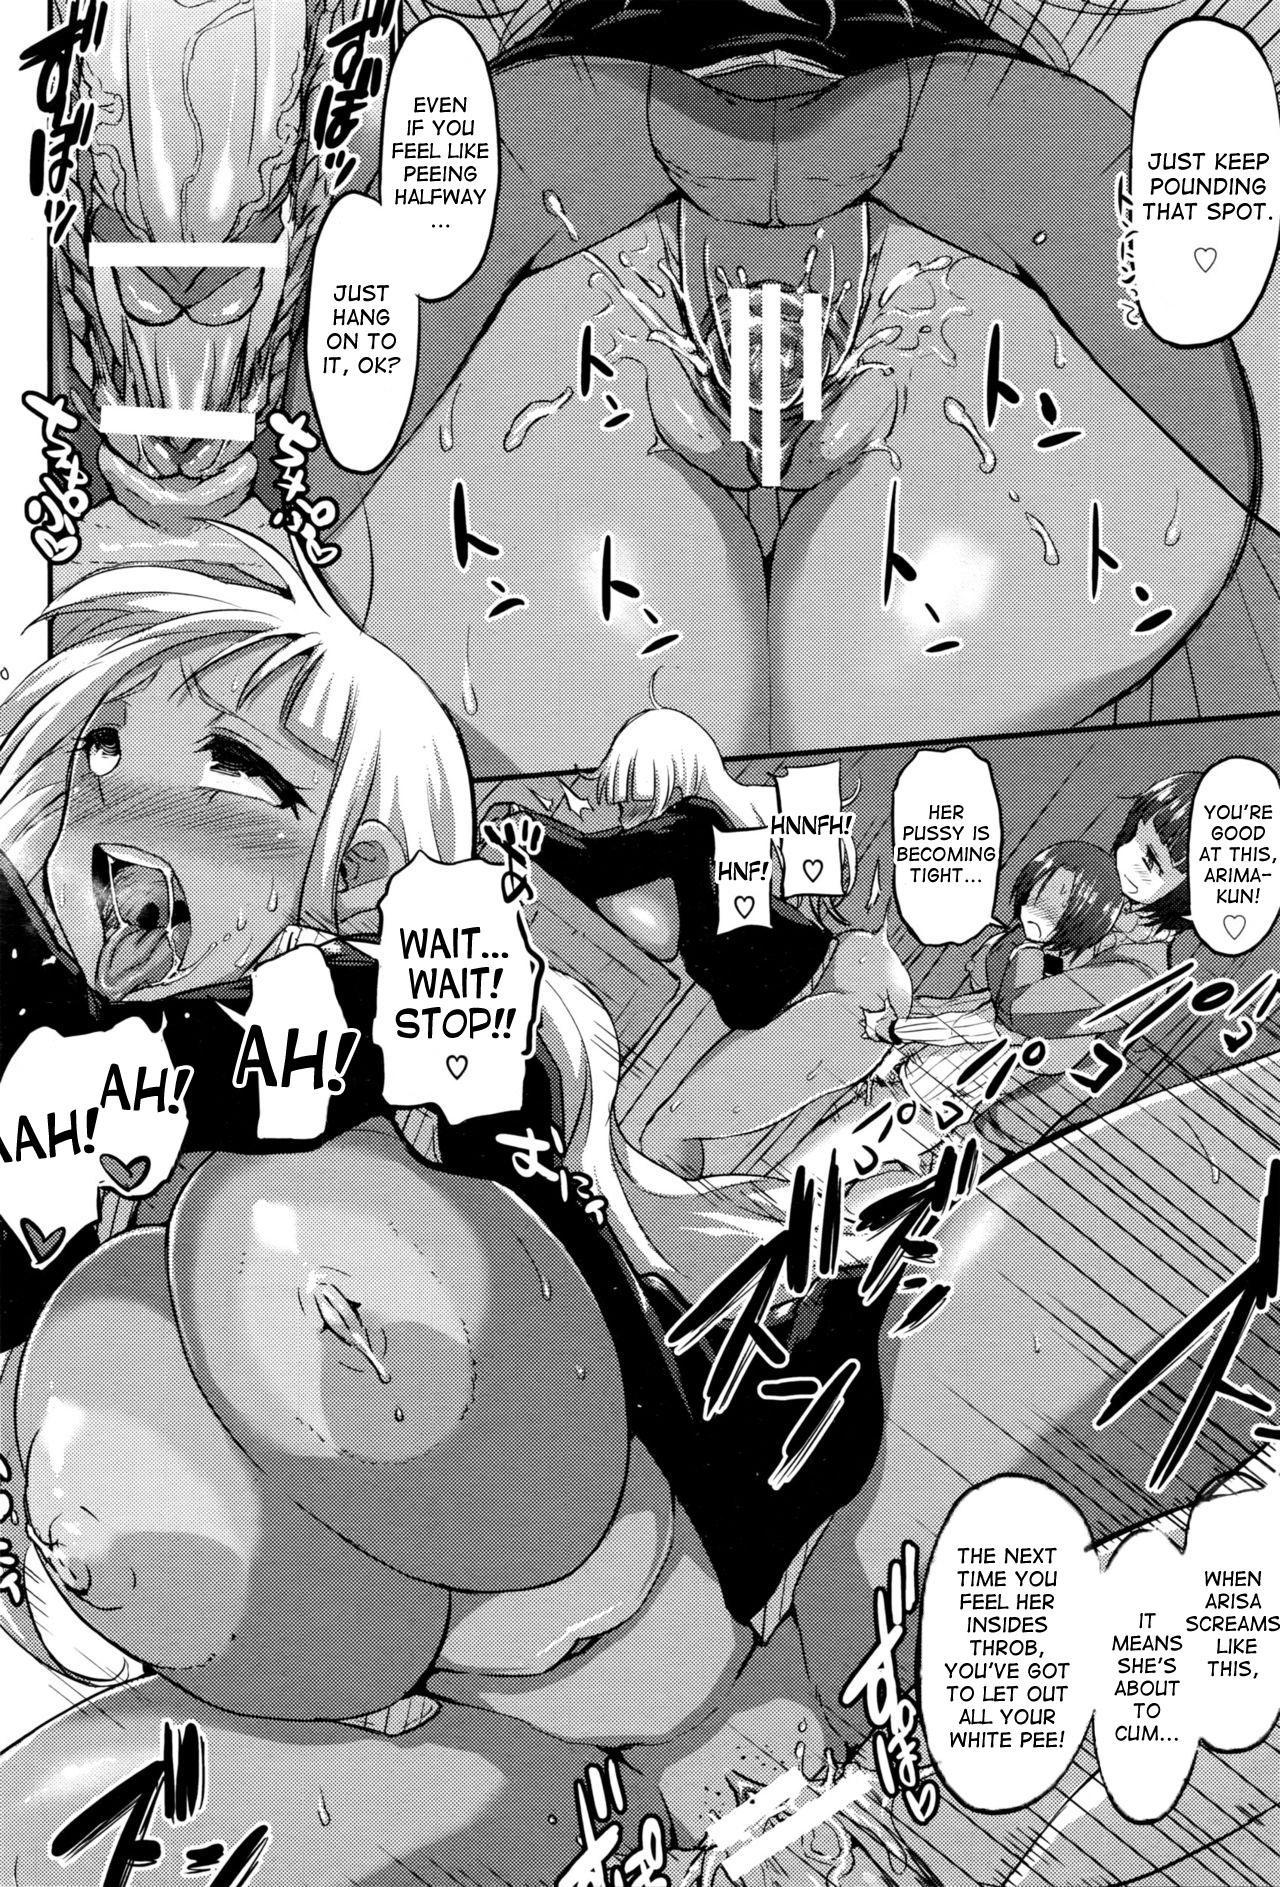 Chikubi Uranai kara no Arekore | This and That After Nipple Fortune Telling 17